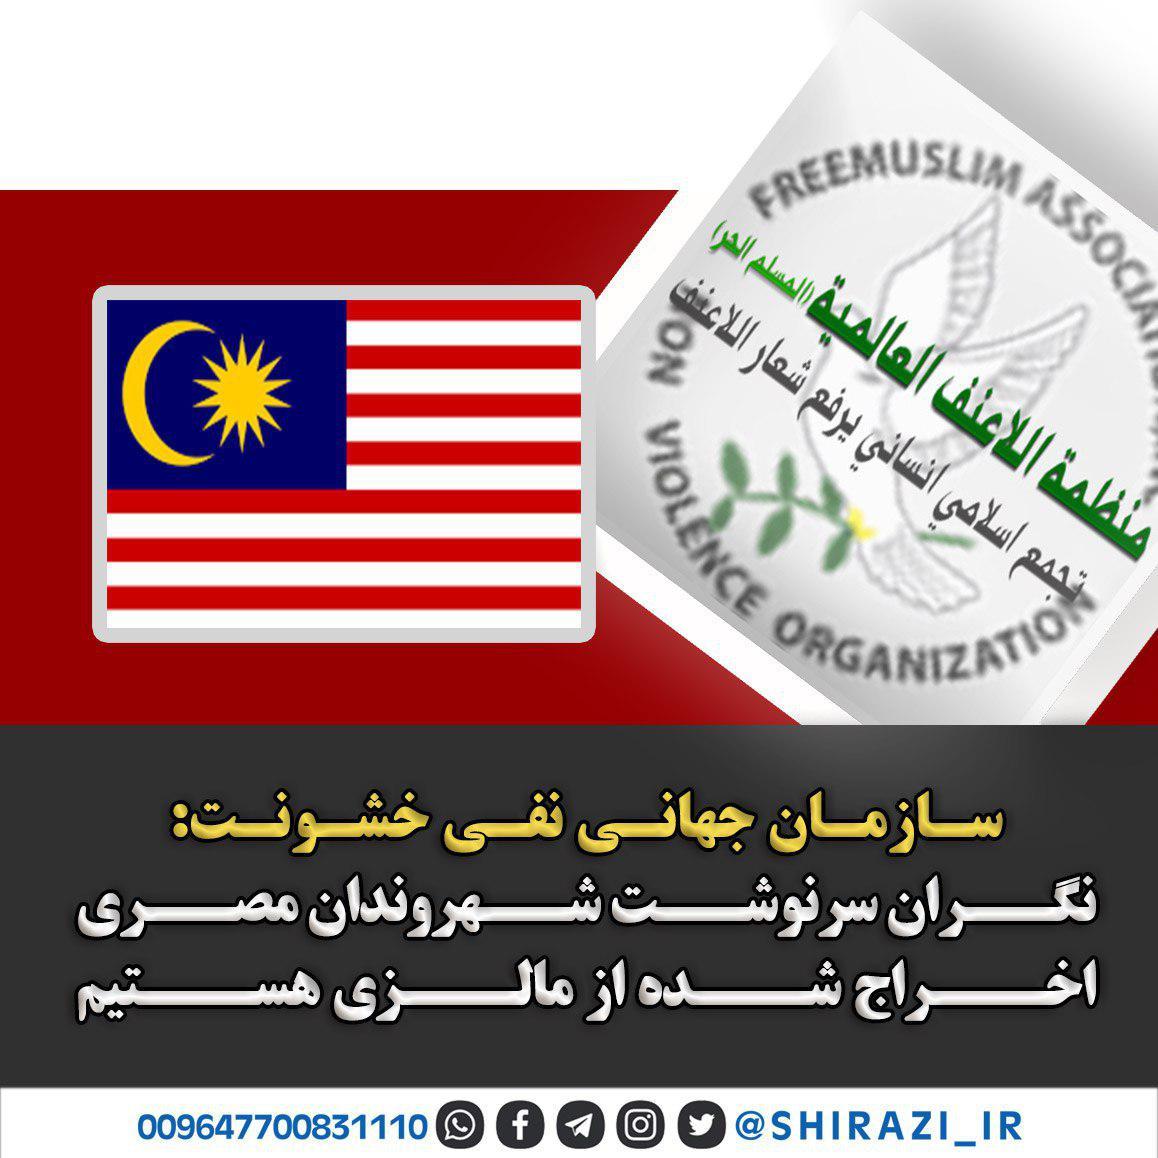 تصویر سازمان جهانی نفی خشونت: نگران سرنوشت شهروندان مصری اخراج شده از مالزی هستیم